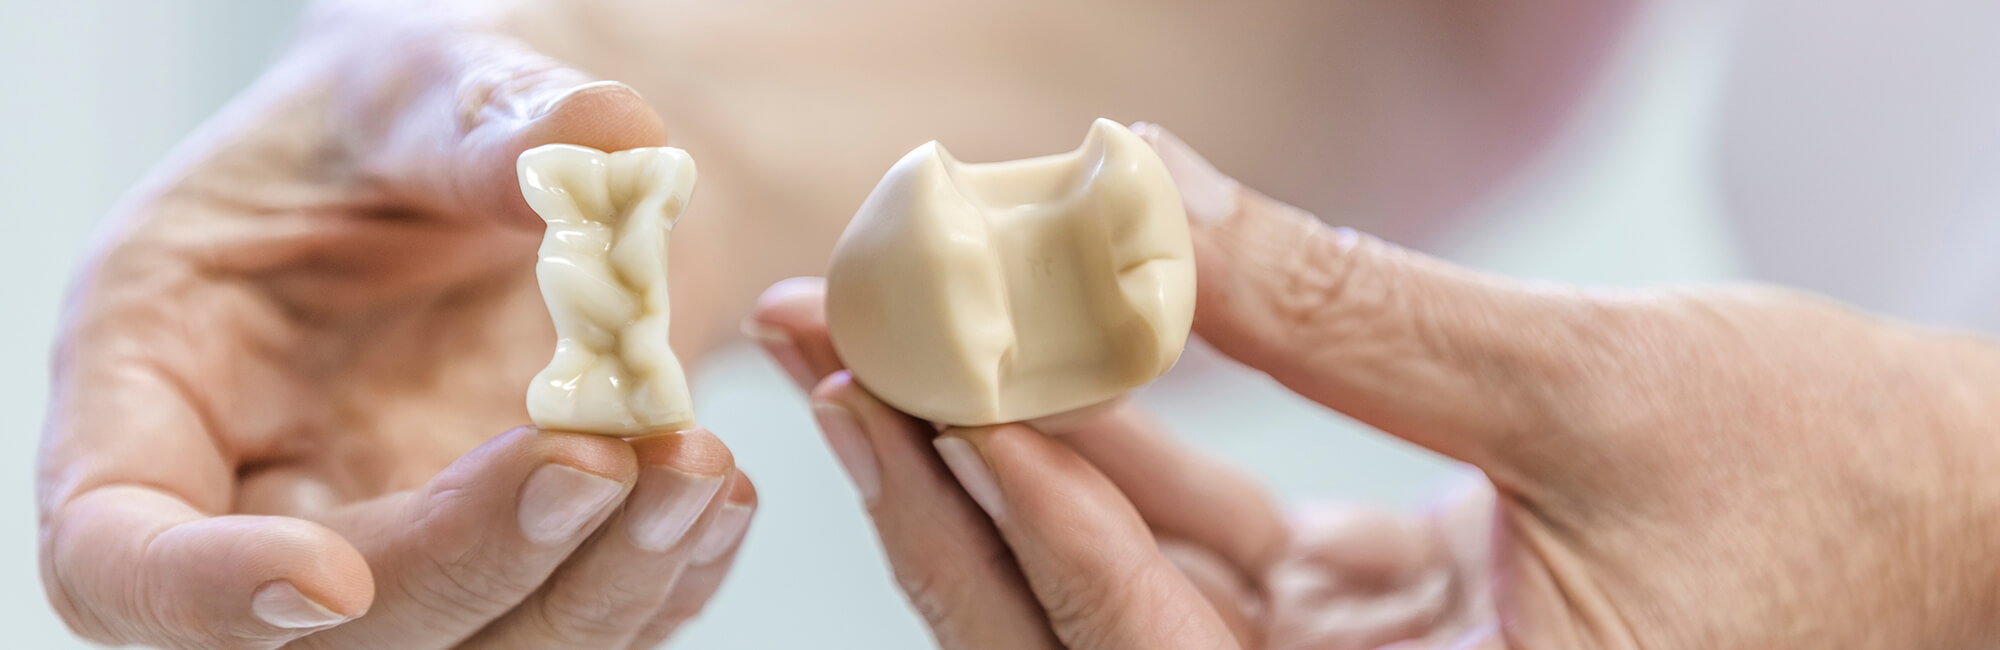 Zahnärztin Neuss - Sarem-Aslani - Slider Leistungen